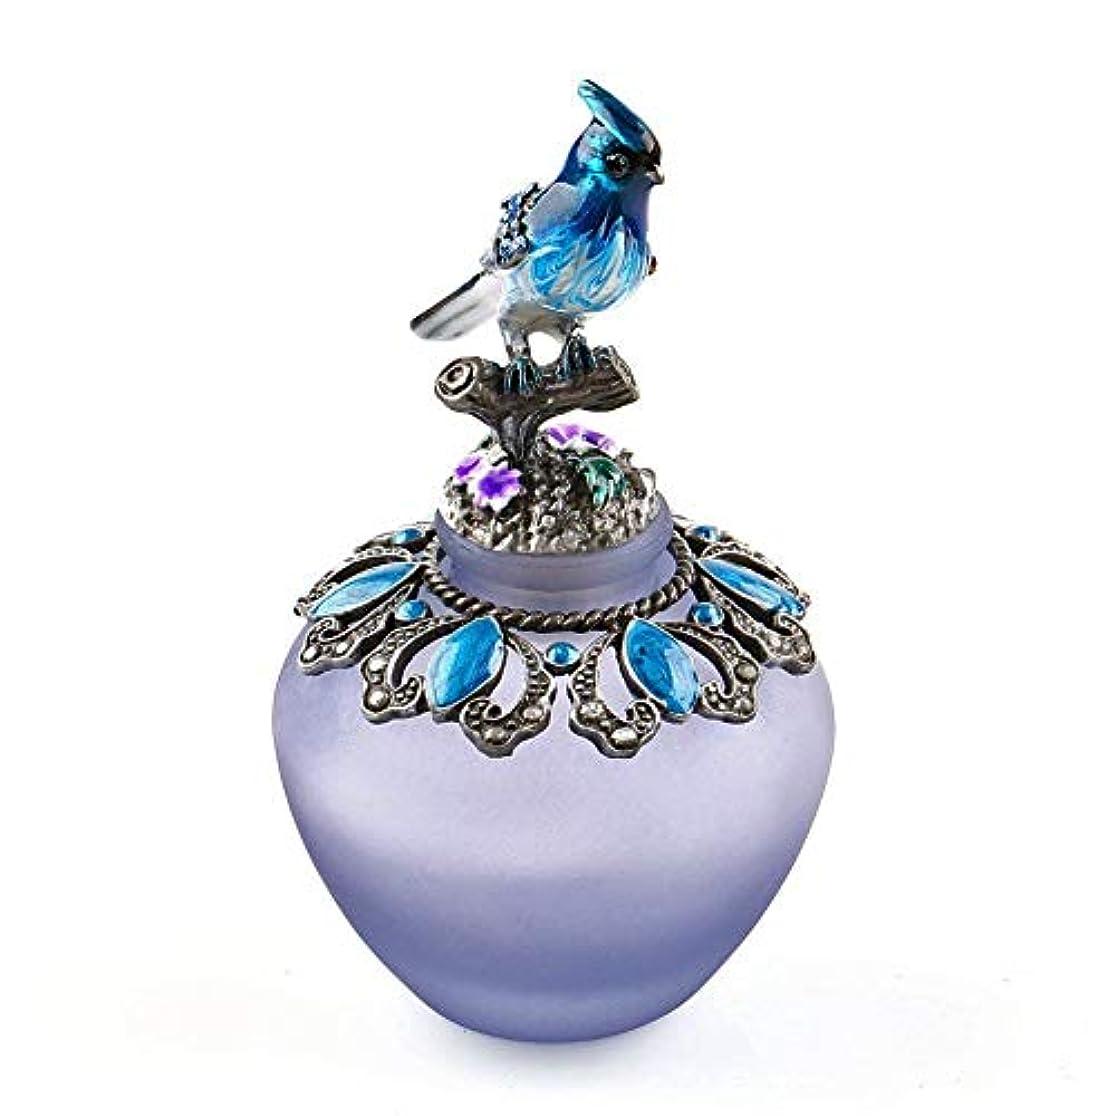 磁気予想外シェルEasyRaku 高品質 美しい香水瓶 鳥40ML ガラスアロマボトル 綺麗アンティーク調欧風デザイン クリスマスプレゼント 結婚式 飾り